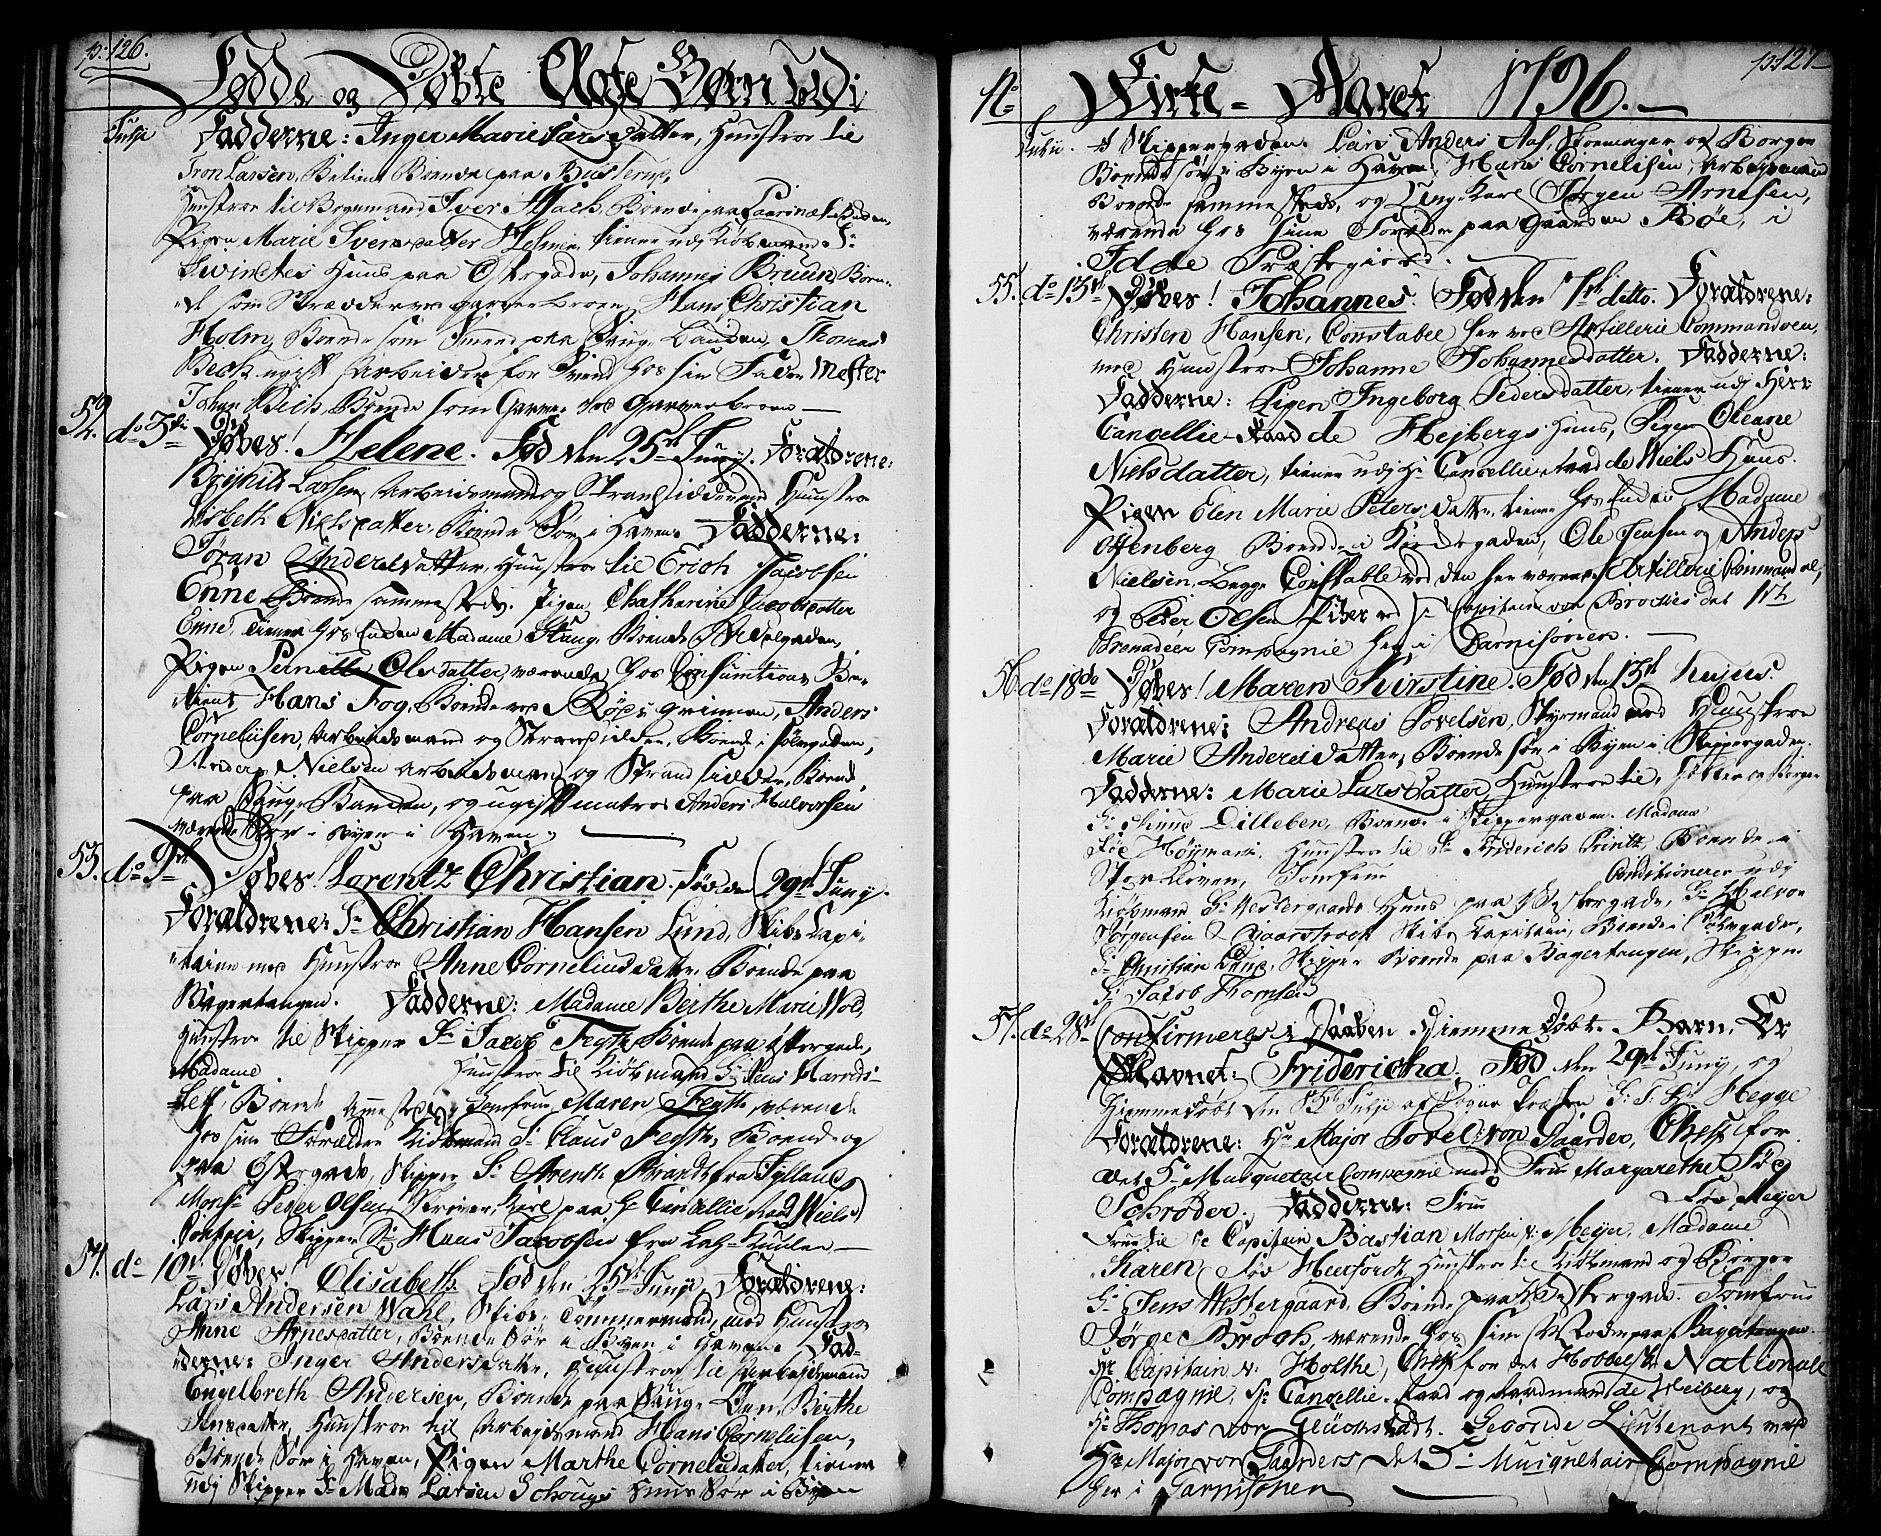 SAO, Halden prestekontor Kirkebøker, F/Fa/L0002: Ministerialbok nr. I 2, 1792-1812, s. 126-127